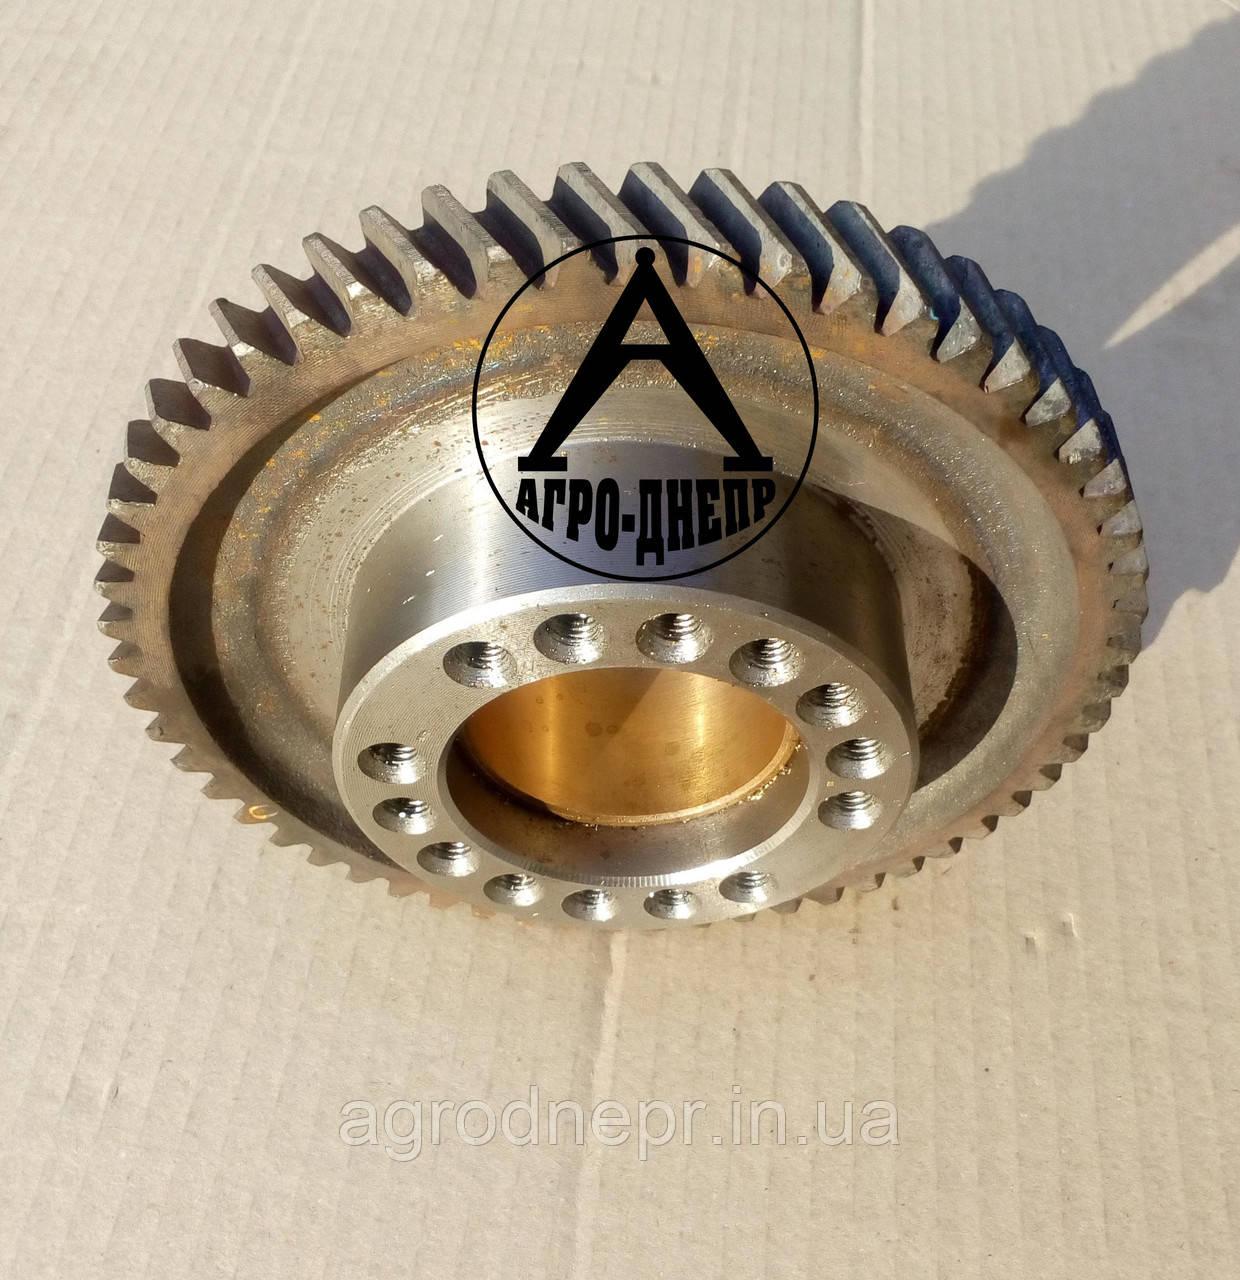 Шестерня привода топливного насоса со втулкой Д-65 Z-56 Д04-С06 СБ ЮМЗ